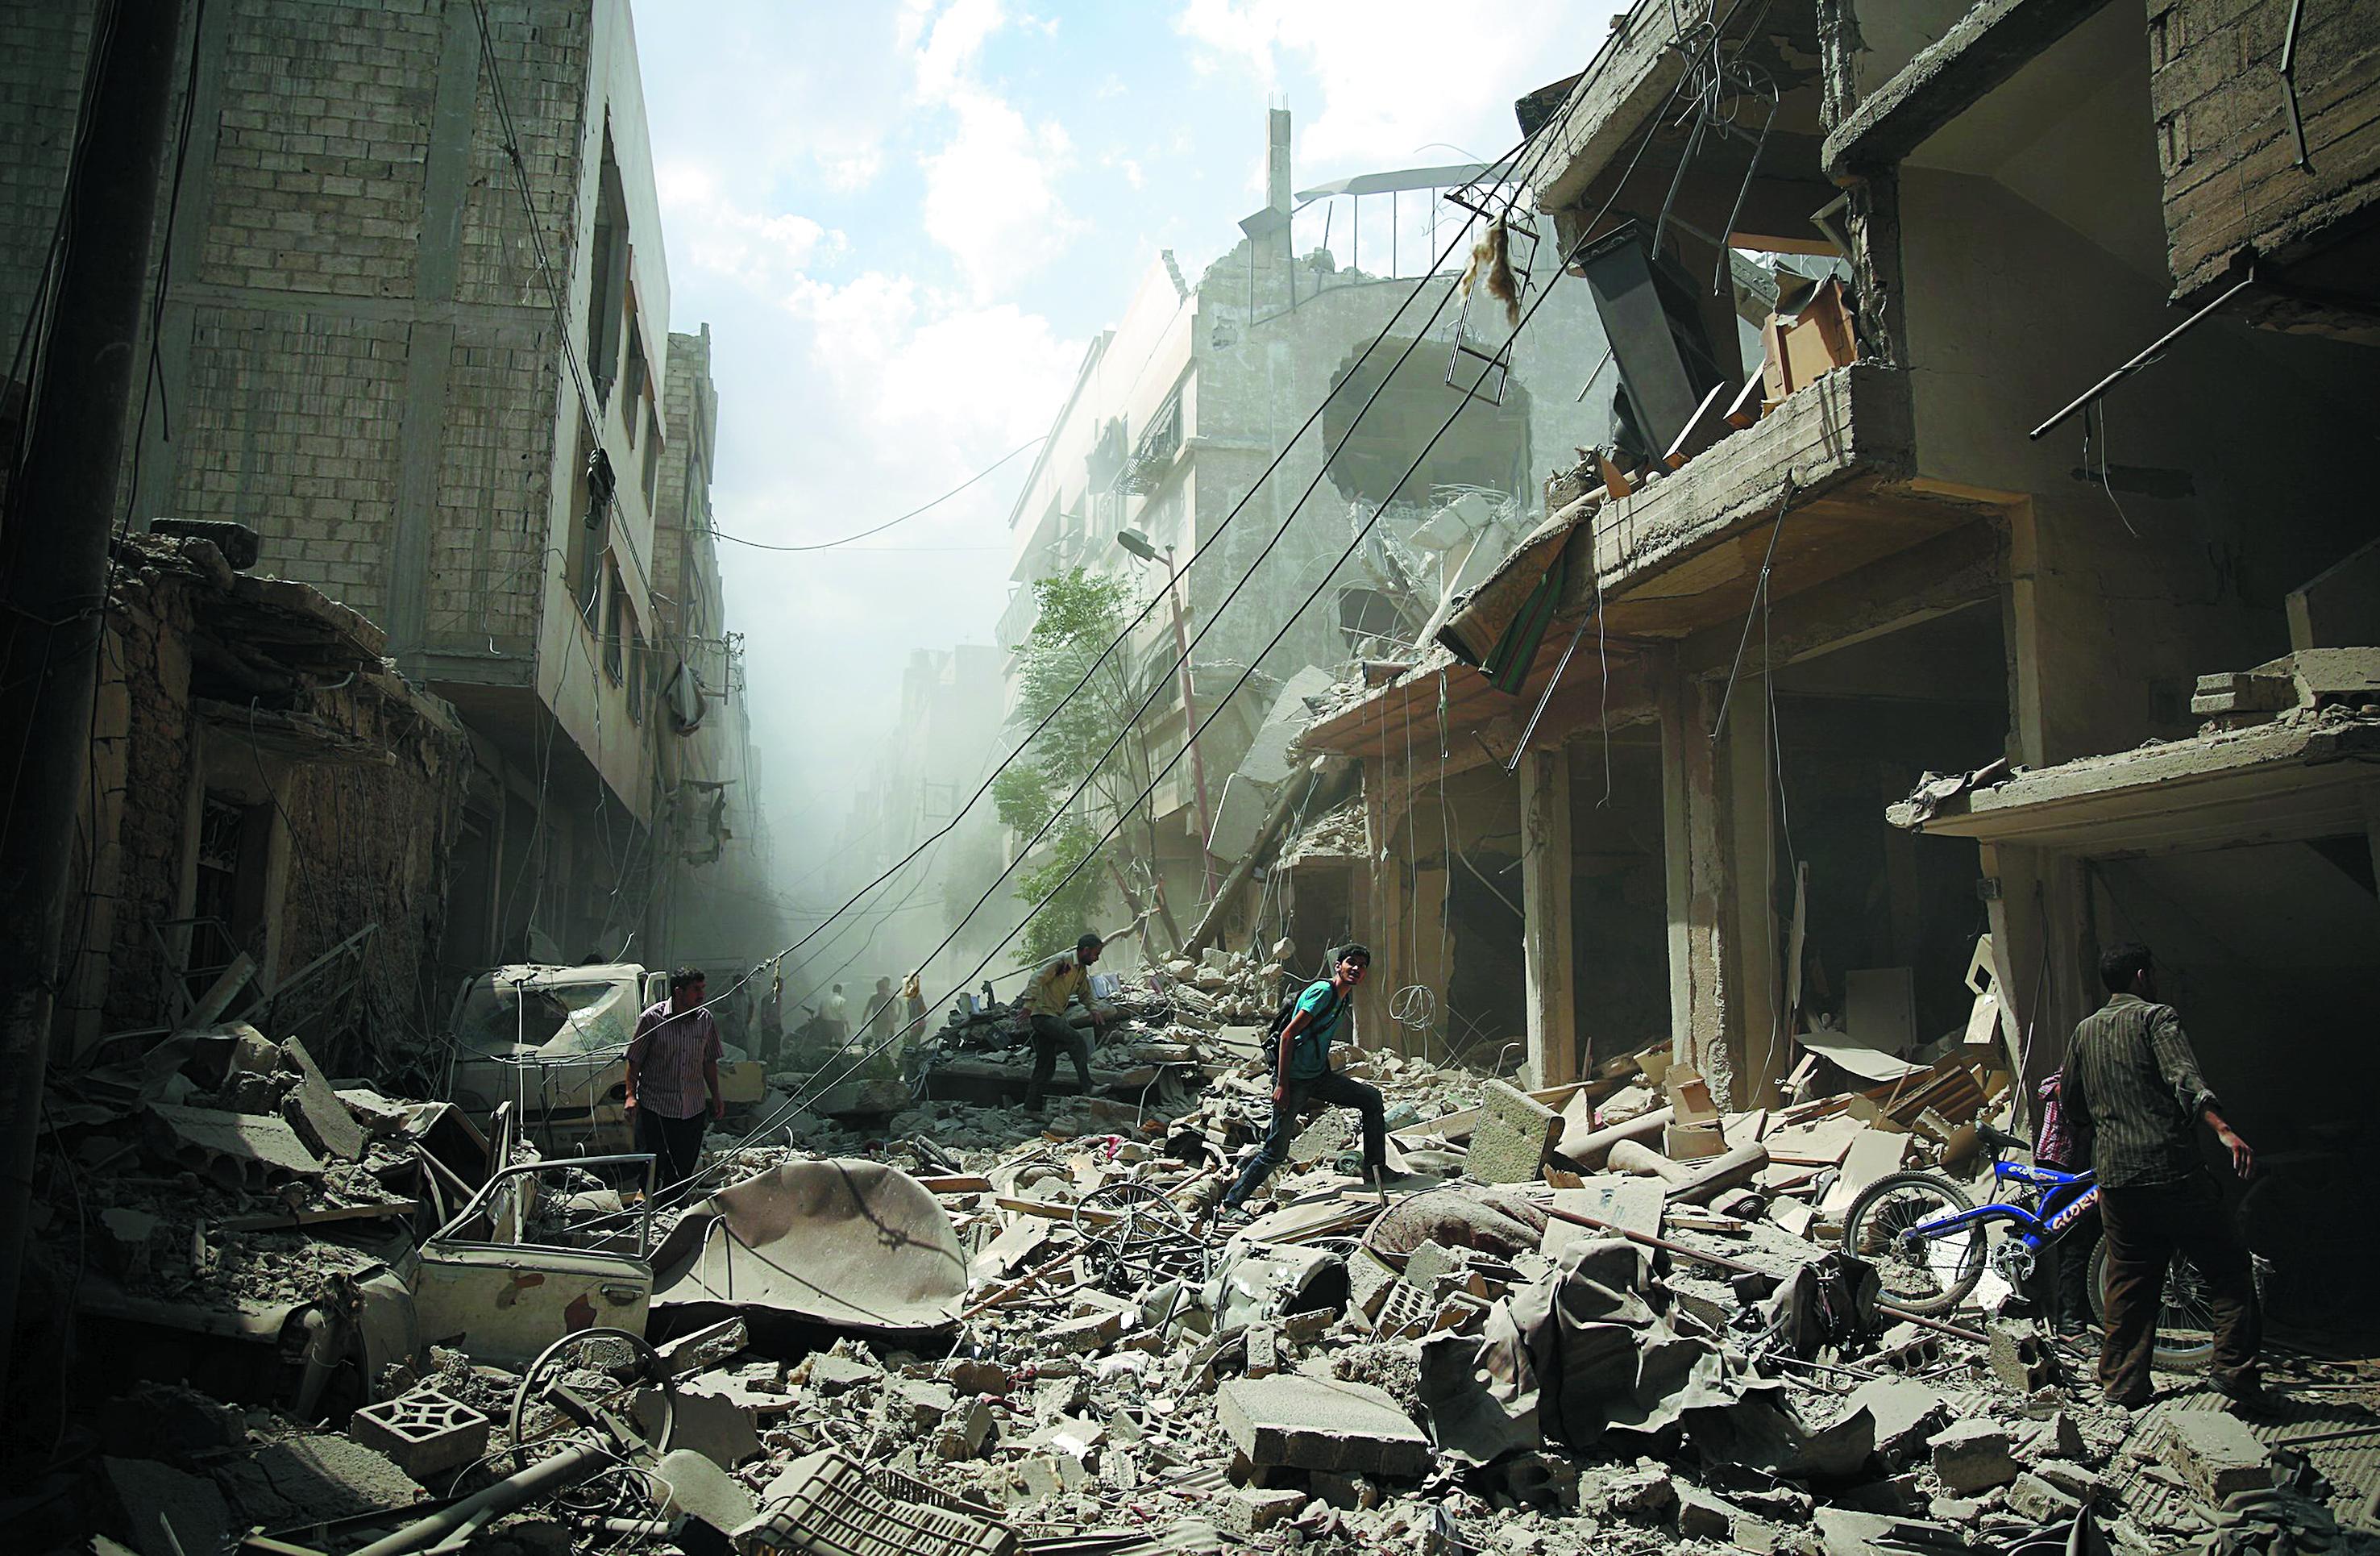 Washington s'inquiète auprès de Moscou de son éventuel engagement militaire en Syrie